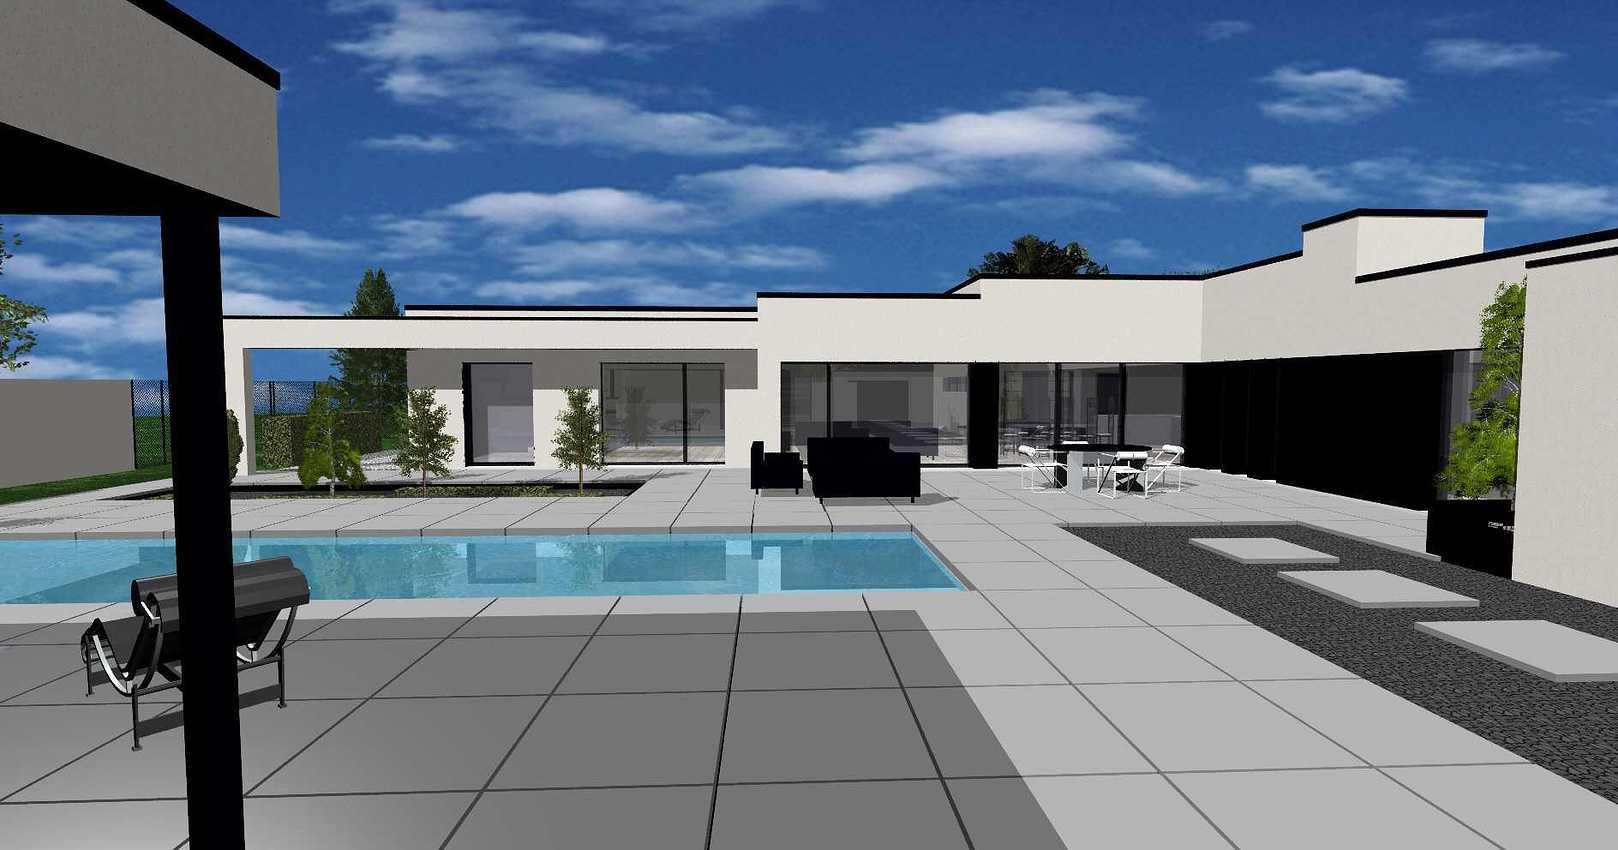 Projet construction maison avec piscine- Etables-sur-Mer neufetablesurmer2